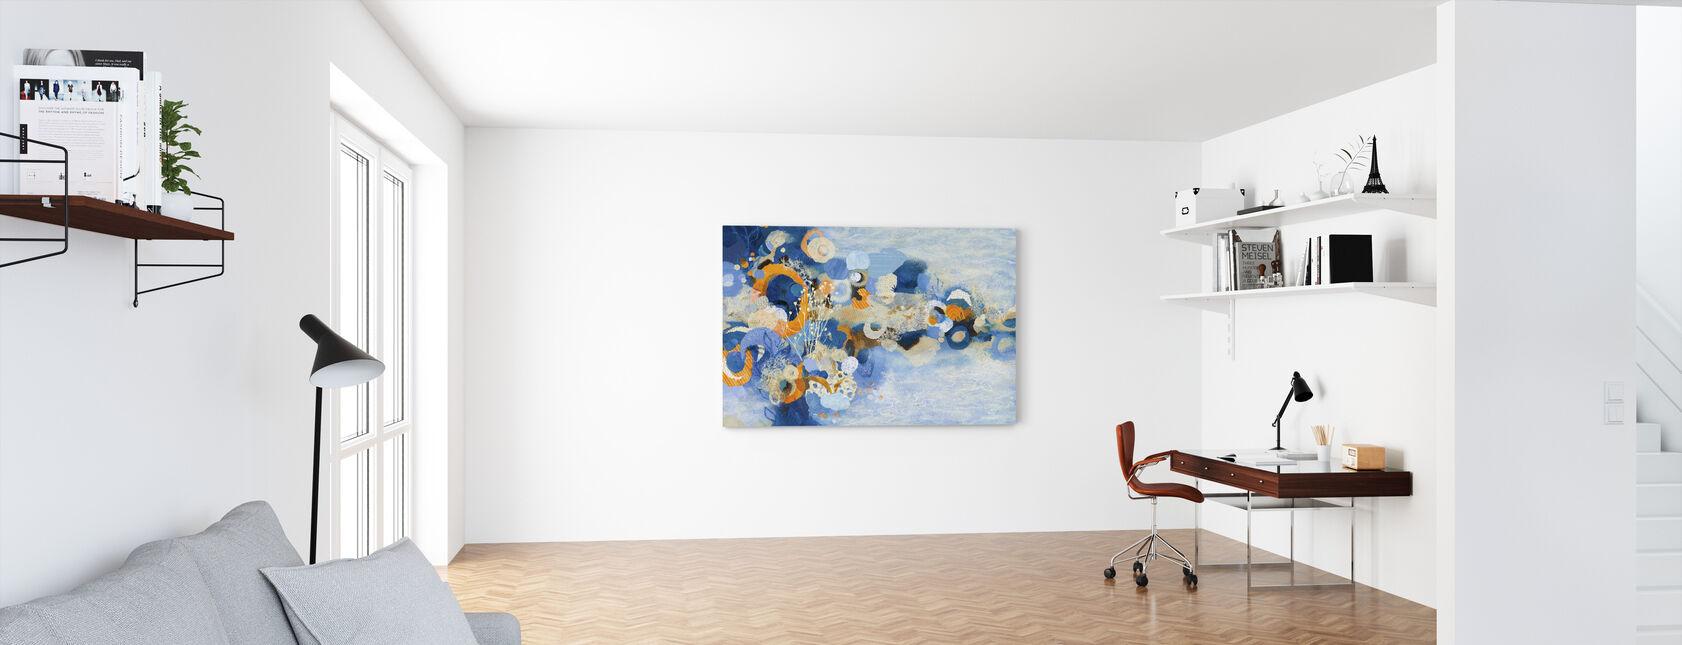 Nantucket Summer - Canvas print - Office